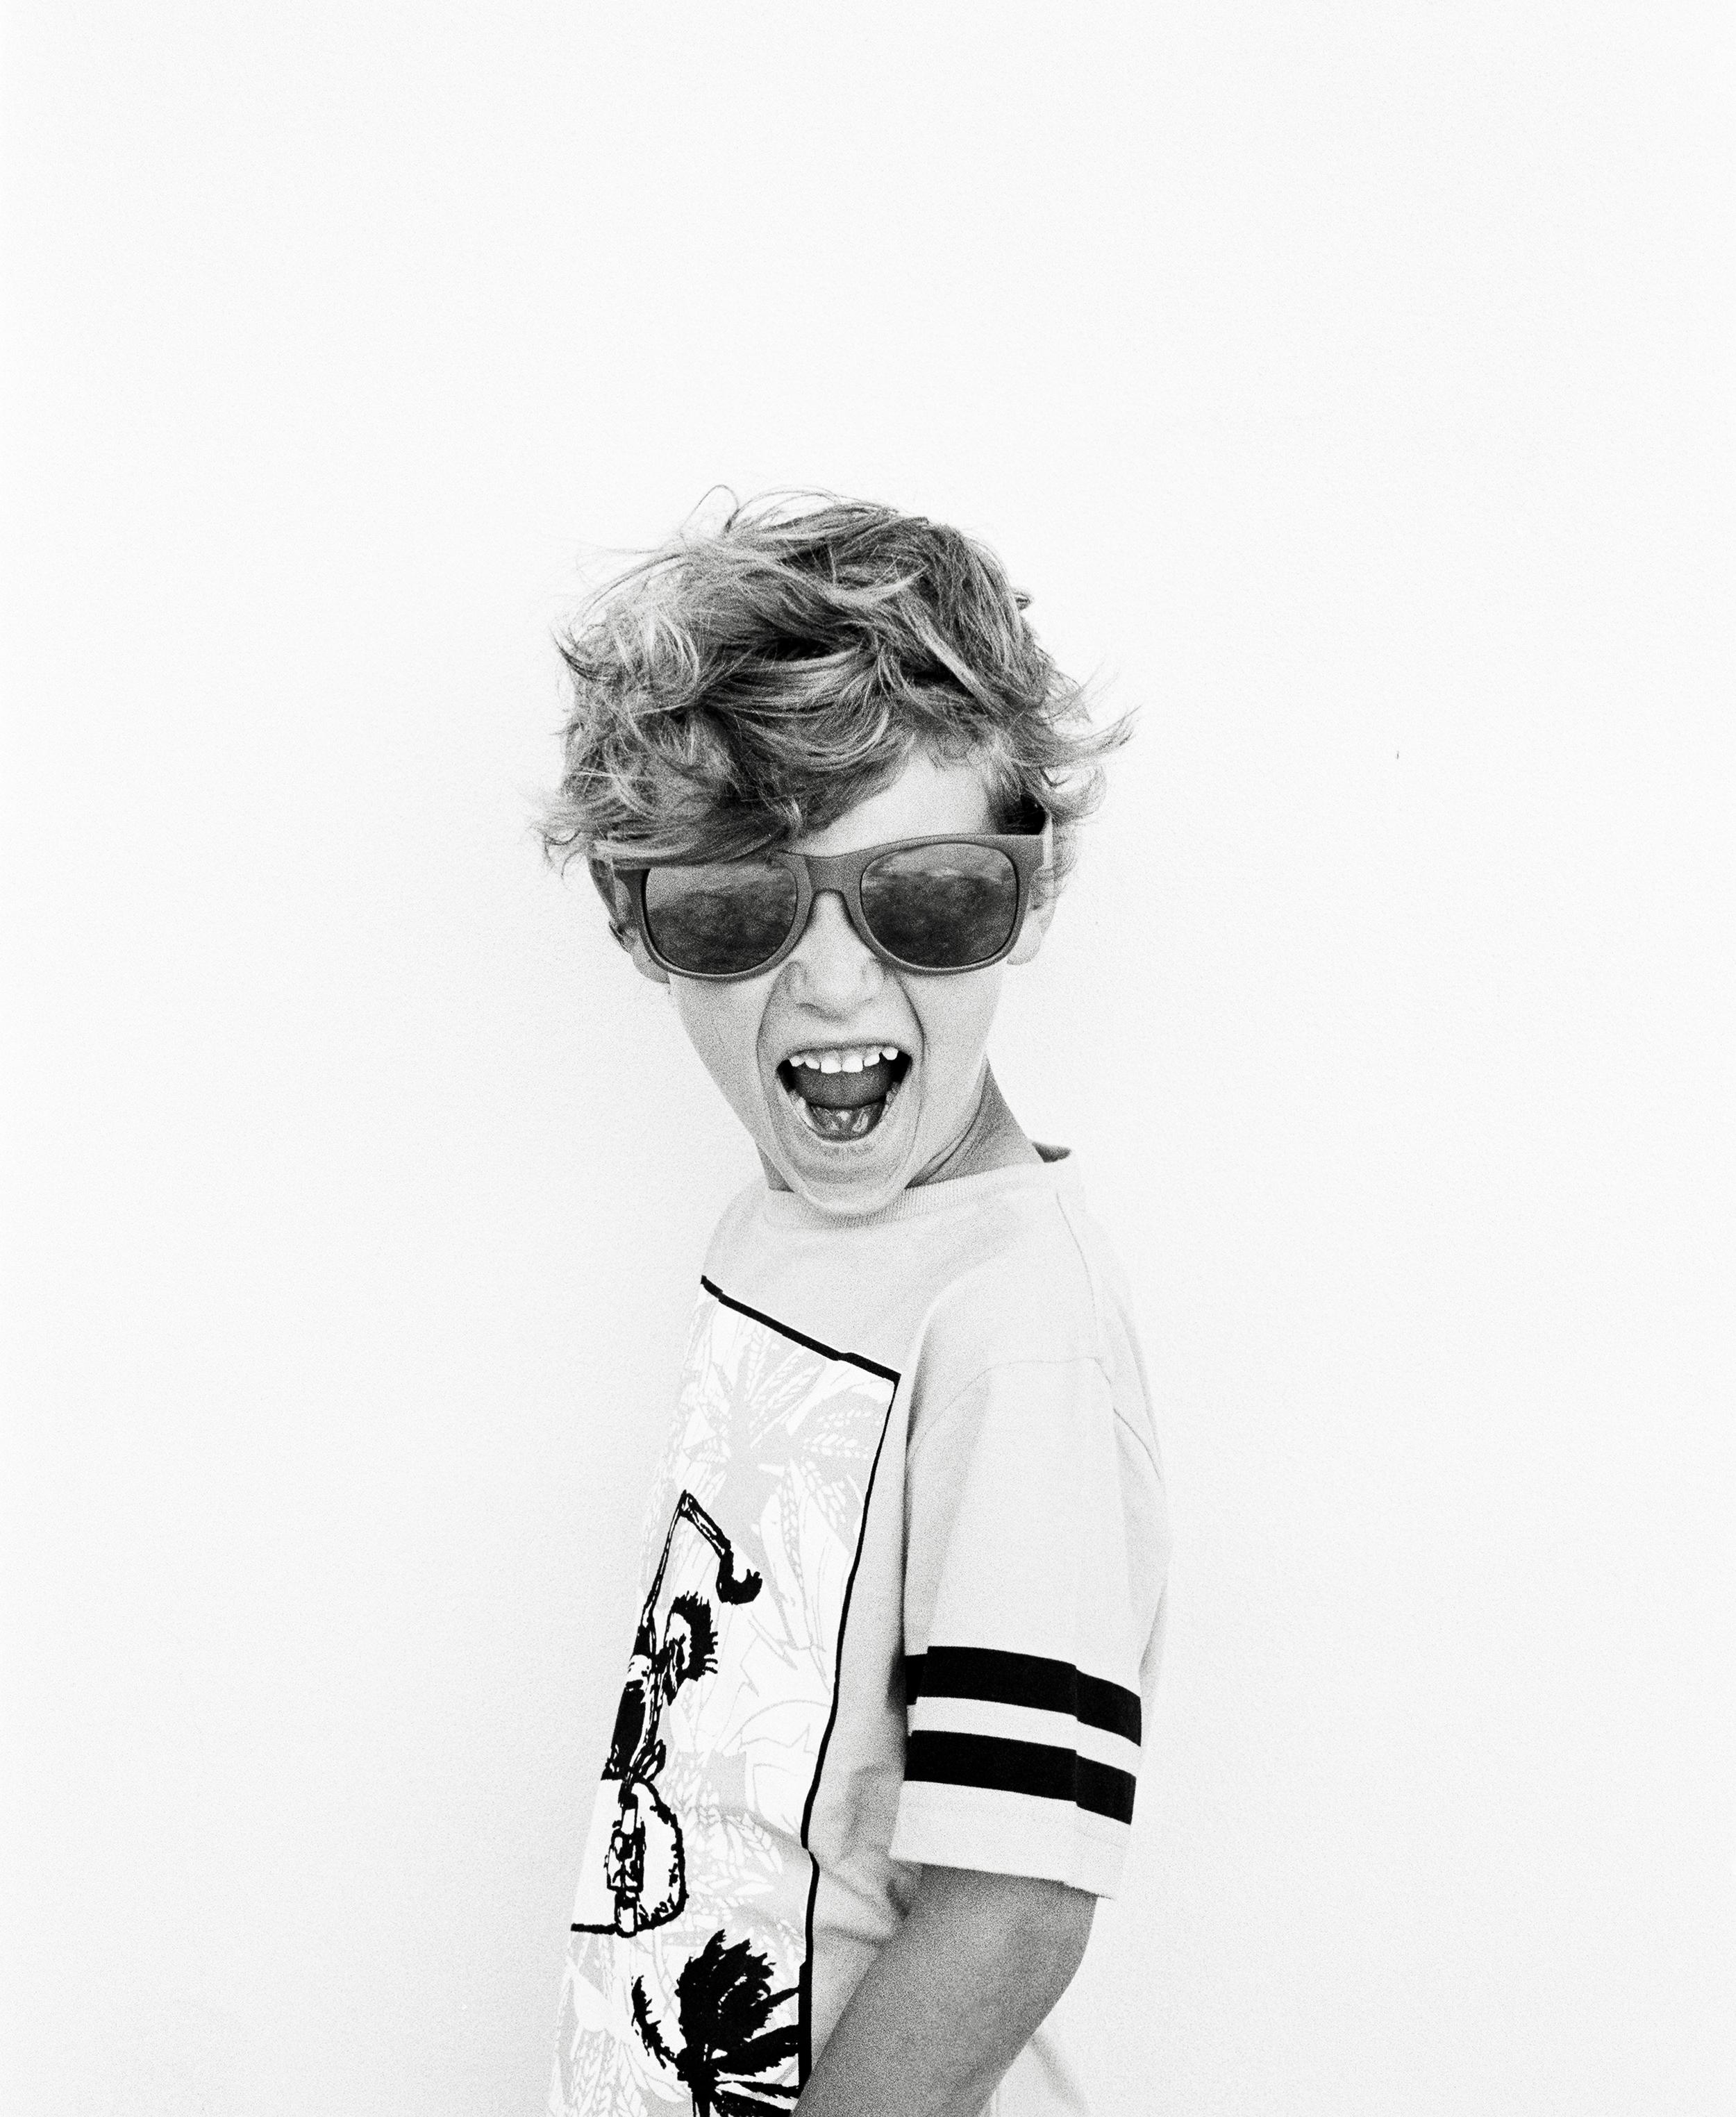 Kody wears: Munster tee  Vans sunglasses